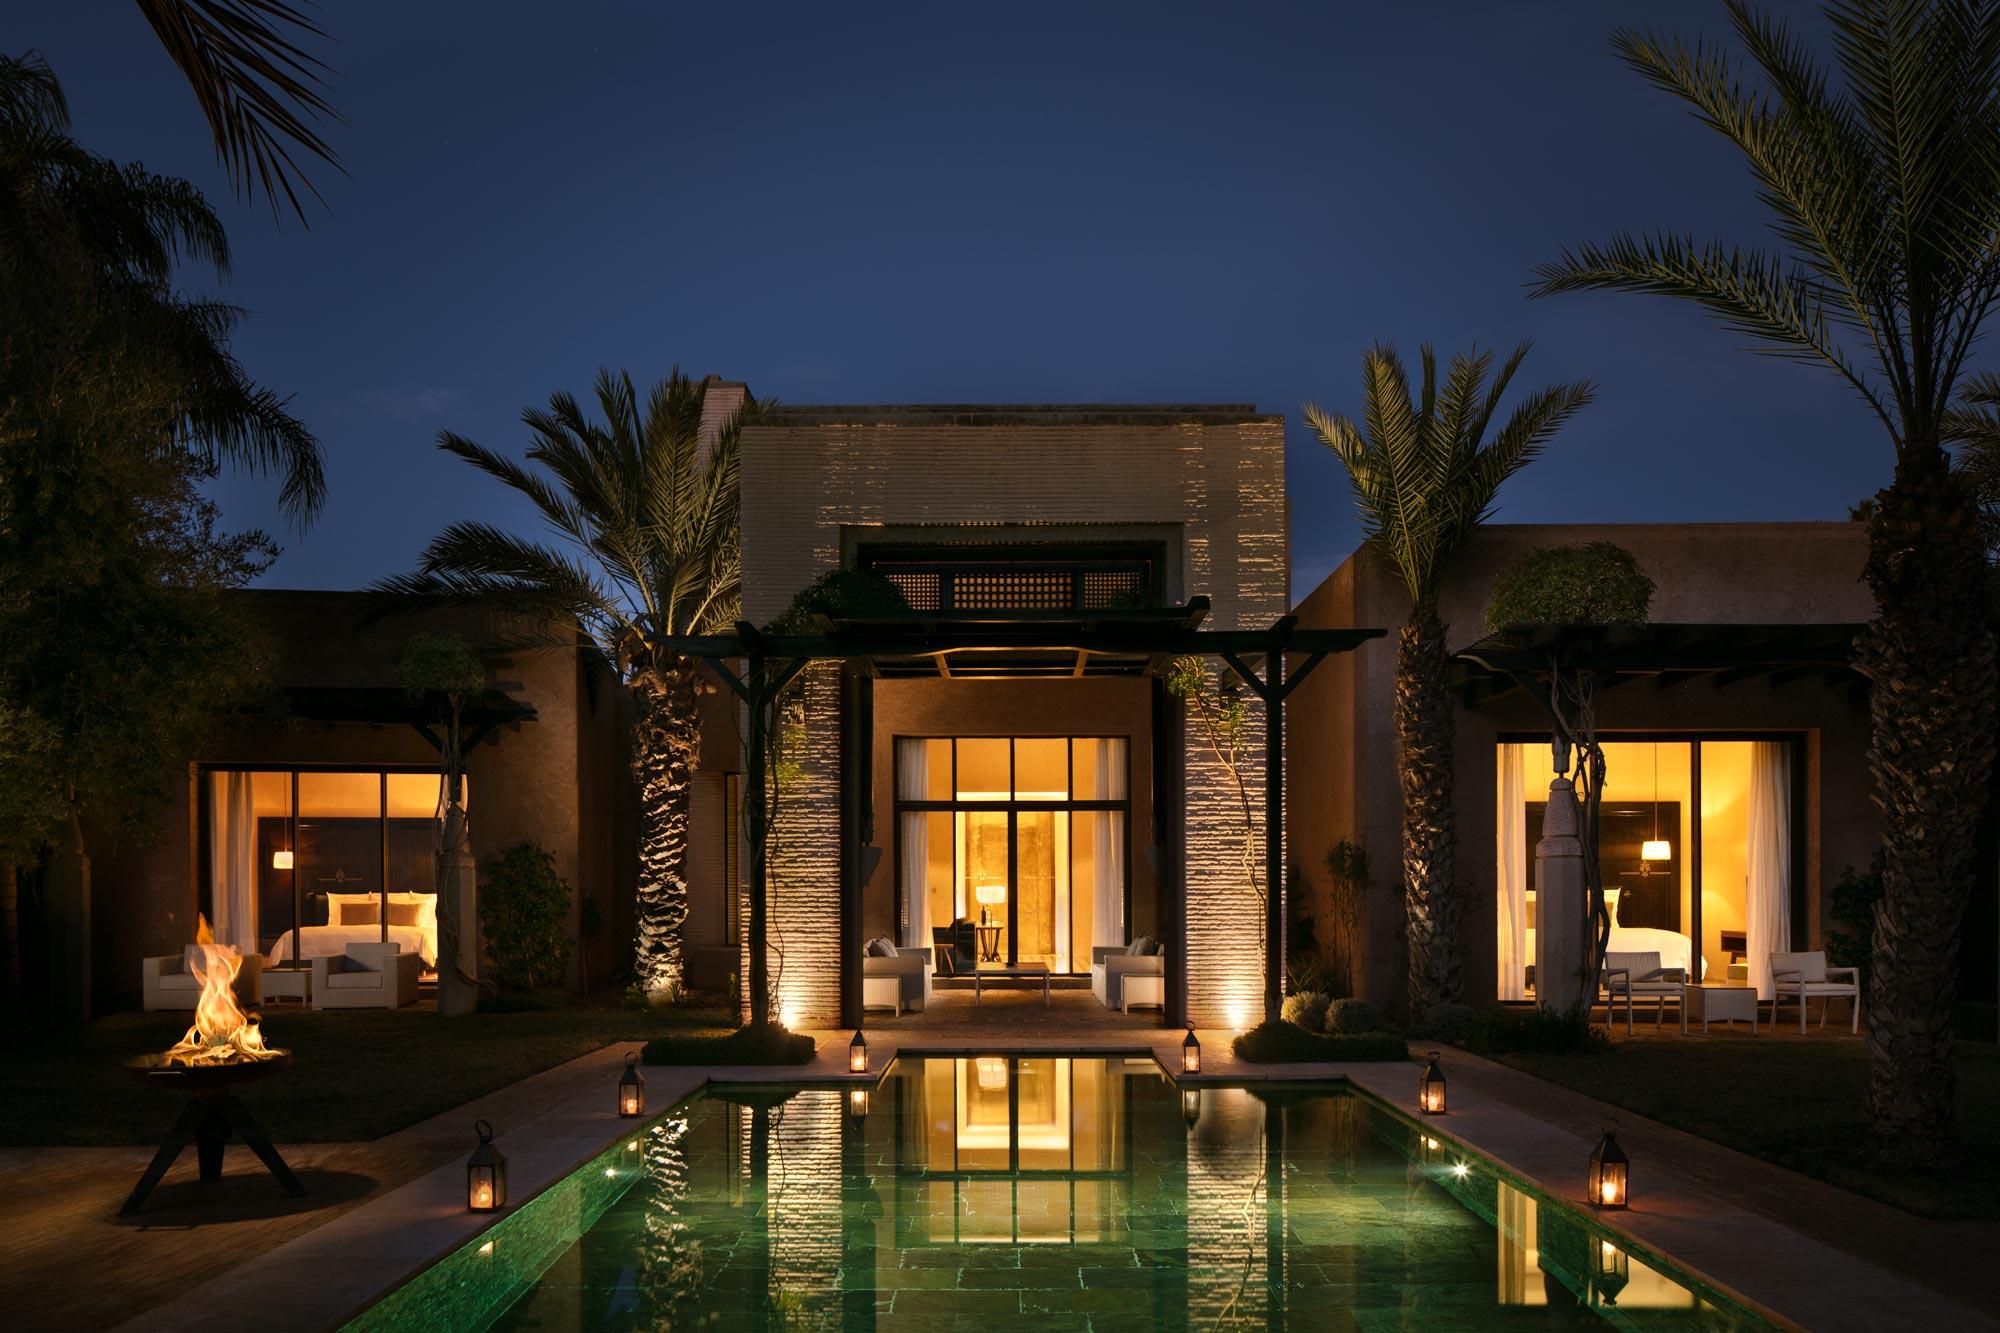 Fairmont Royal Palm Marrakech Villa von Adrian Kilchherr, Luxushotelfotograf weltweit